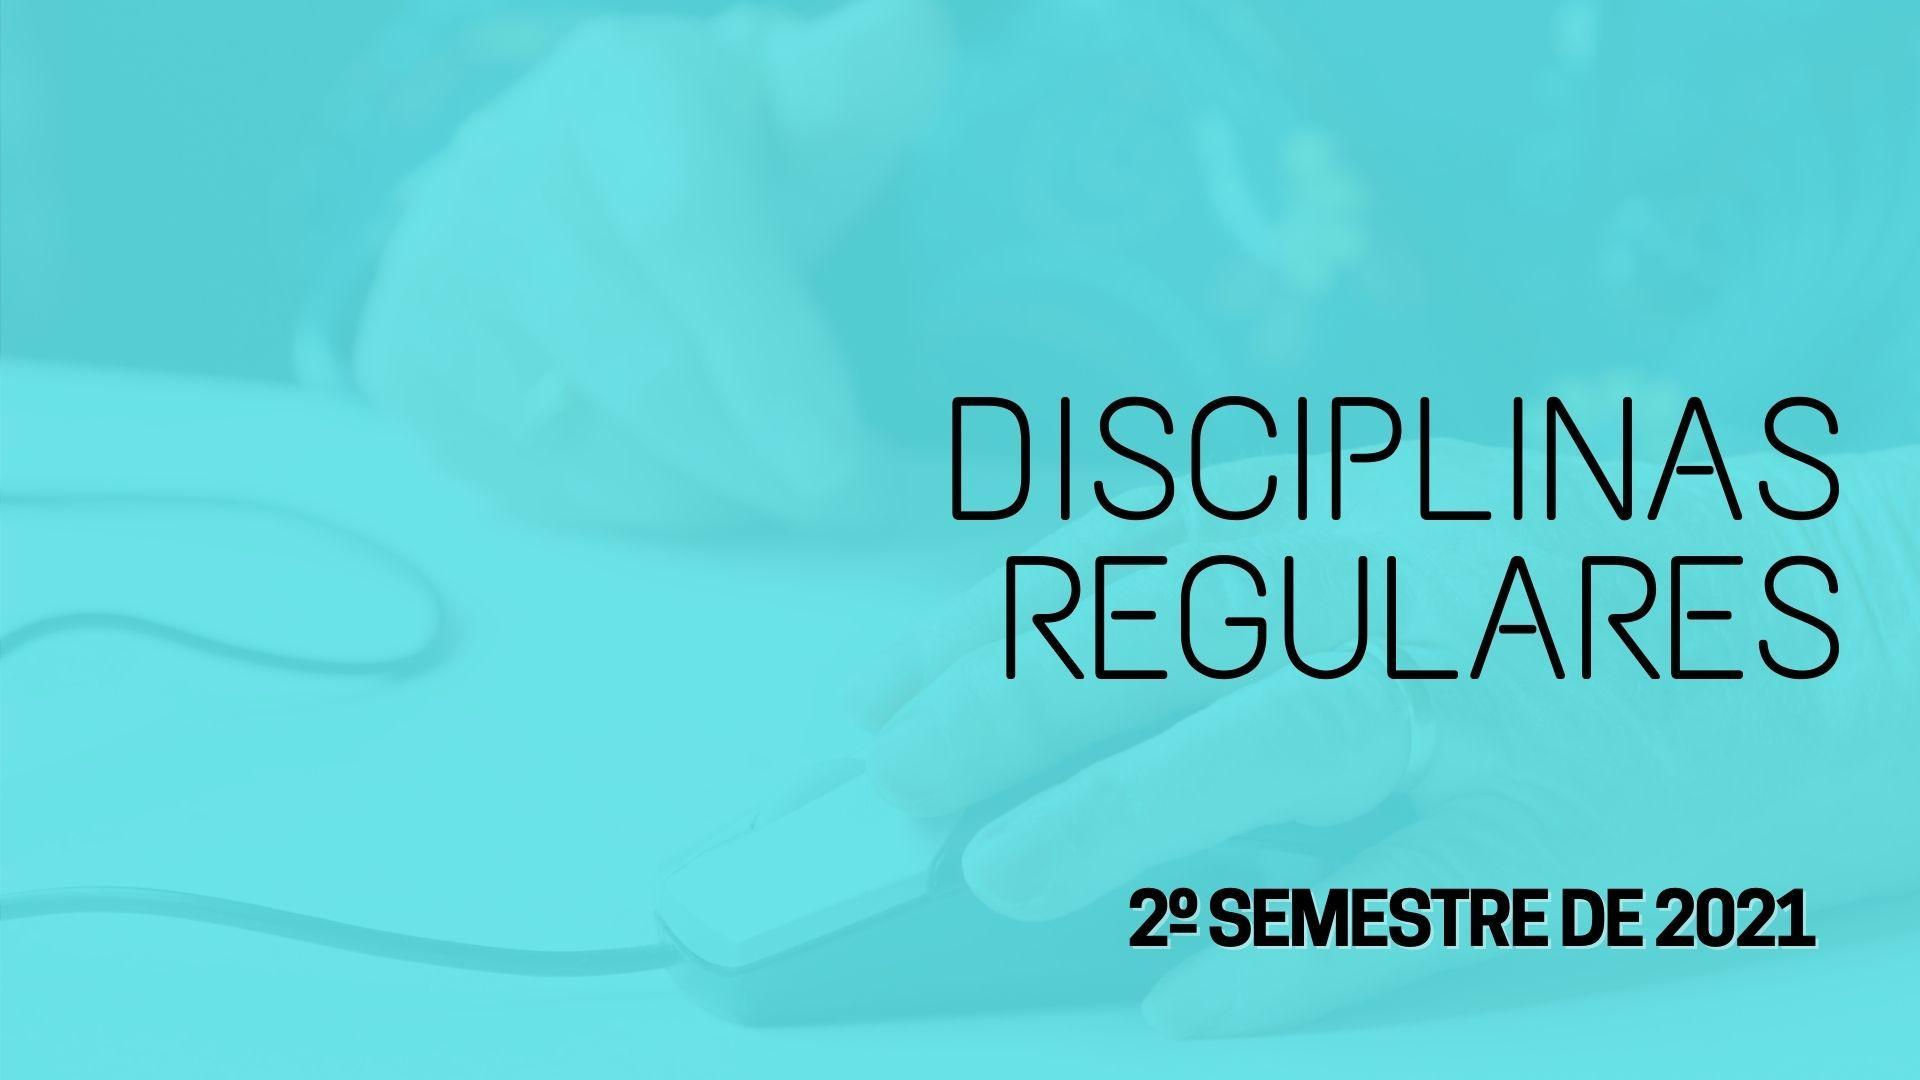 disciplina regular 2 semestre